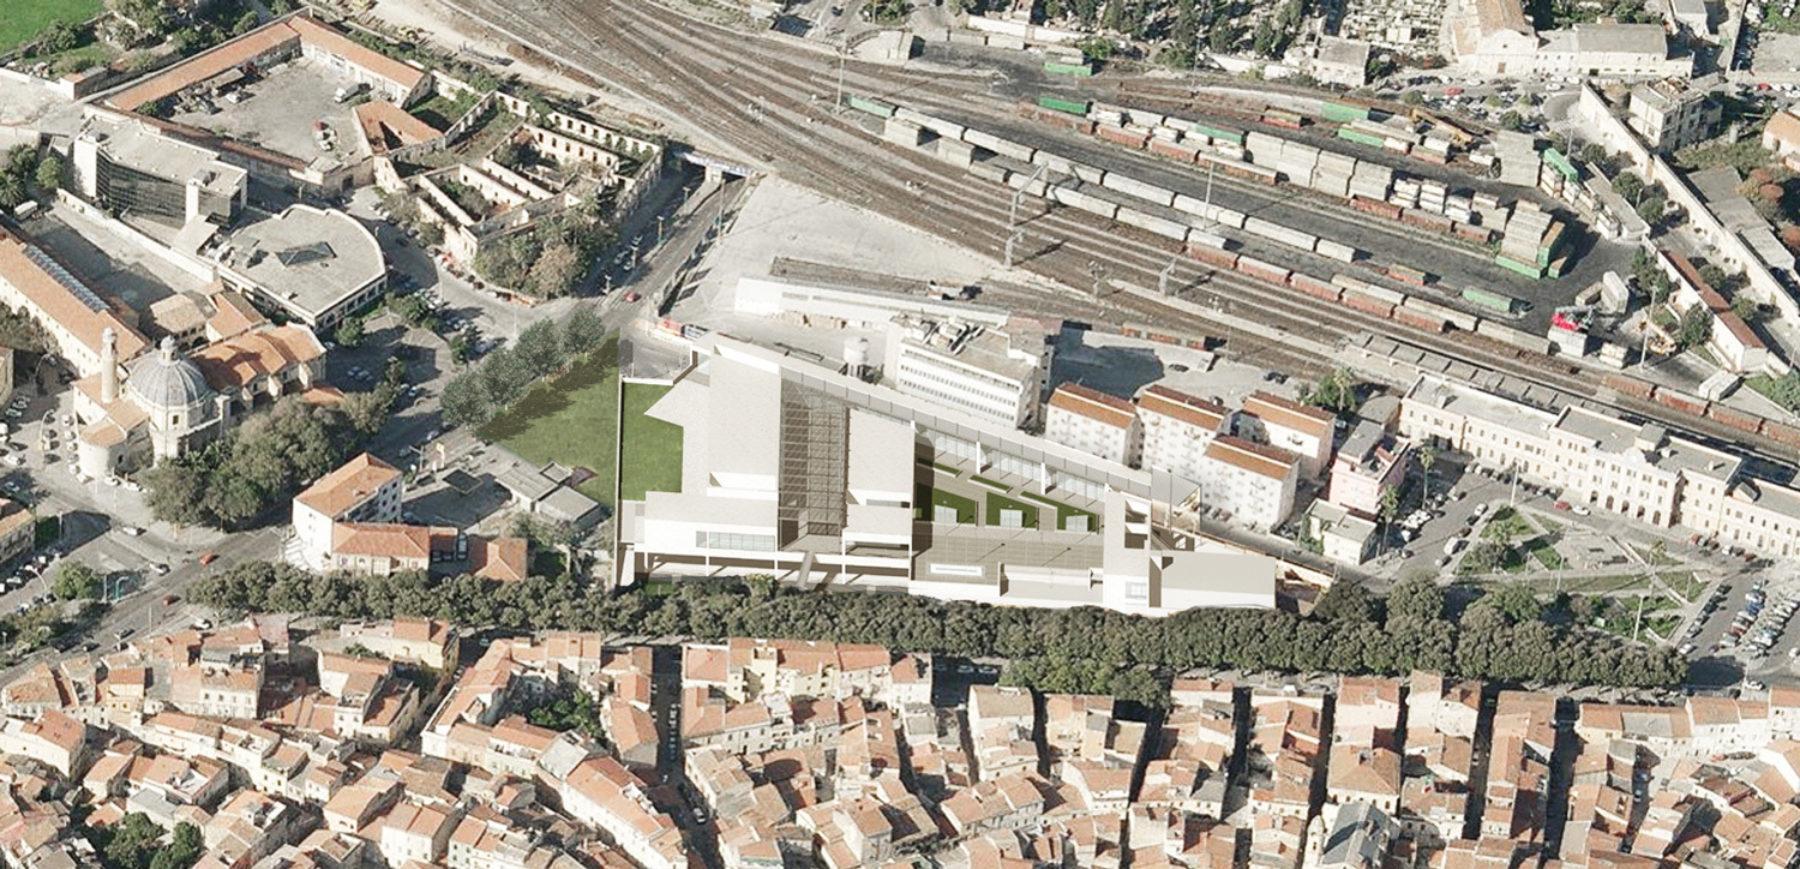 Sassari Multimodal and Logistic Center